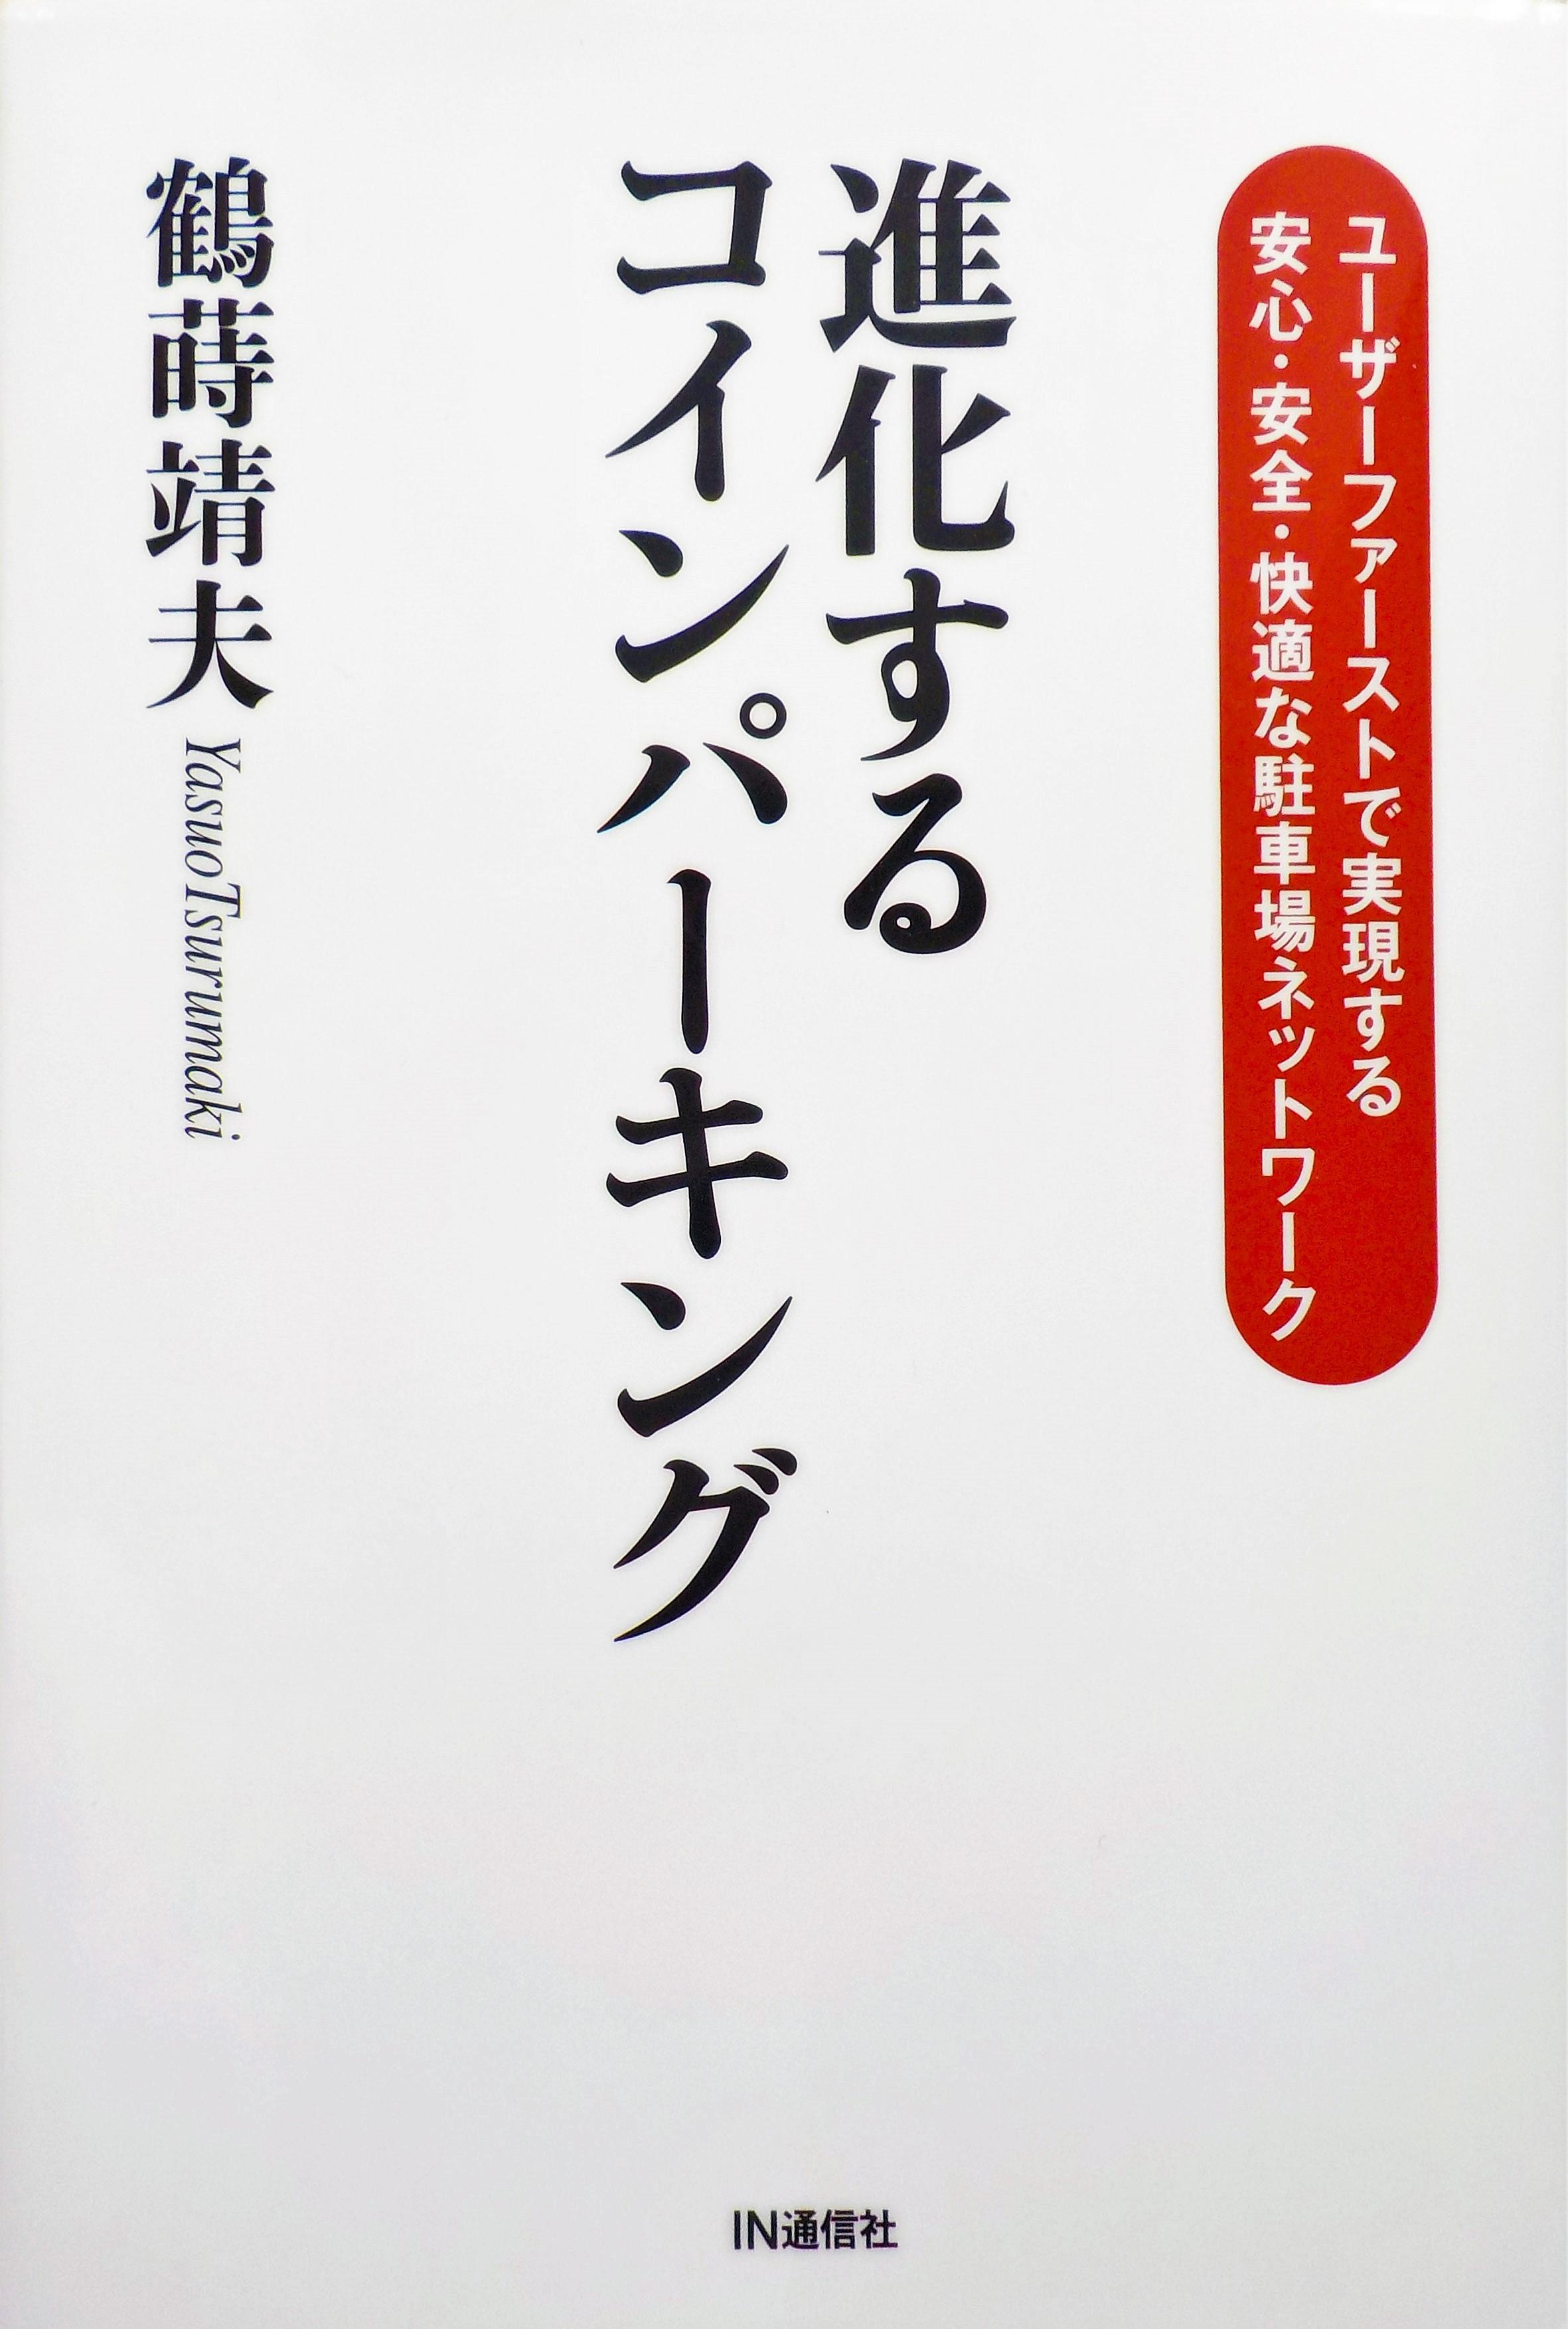 書籍画像 (2)